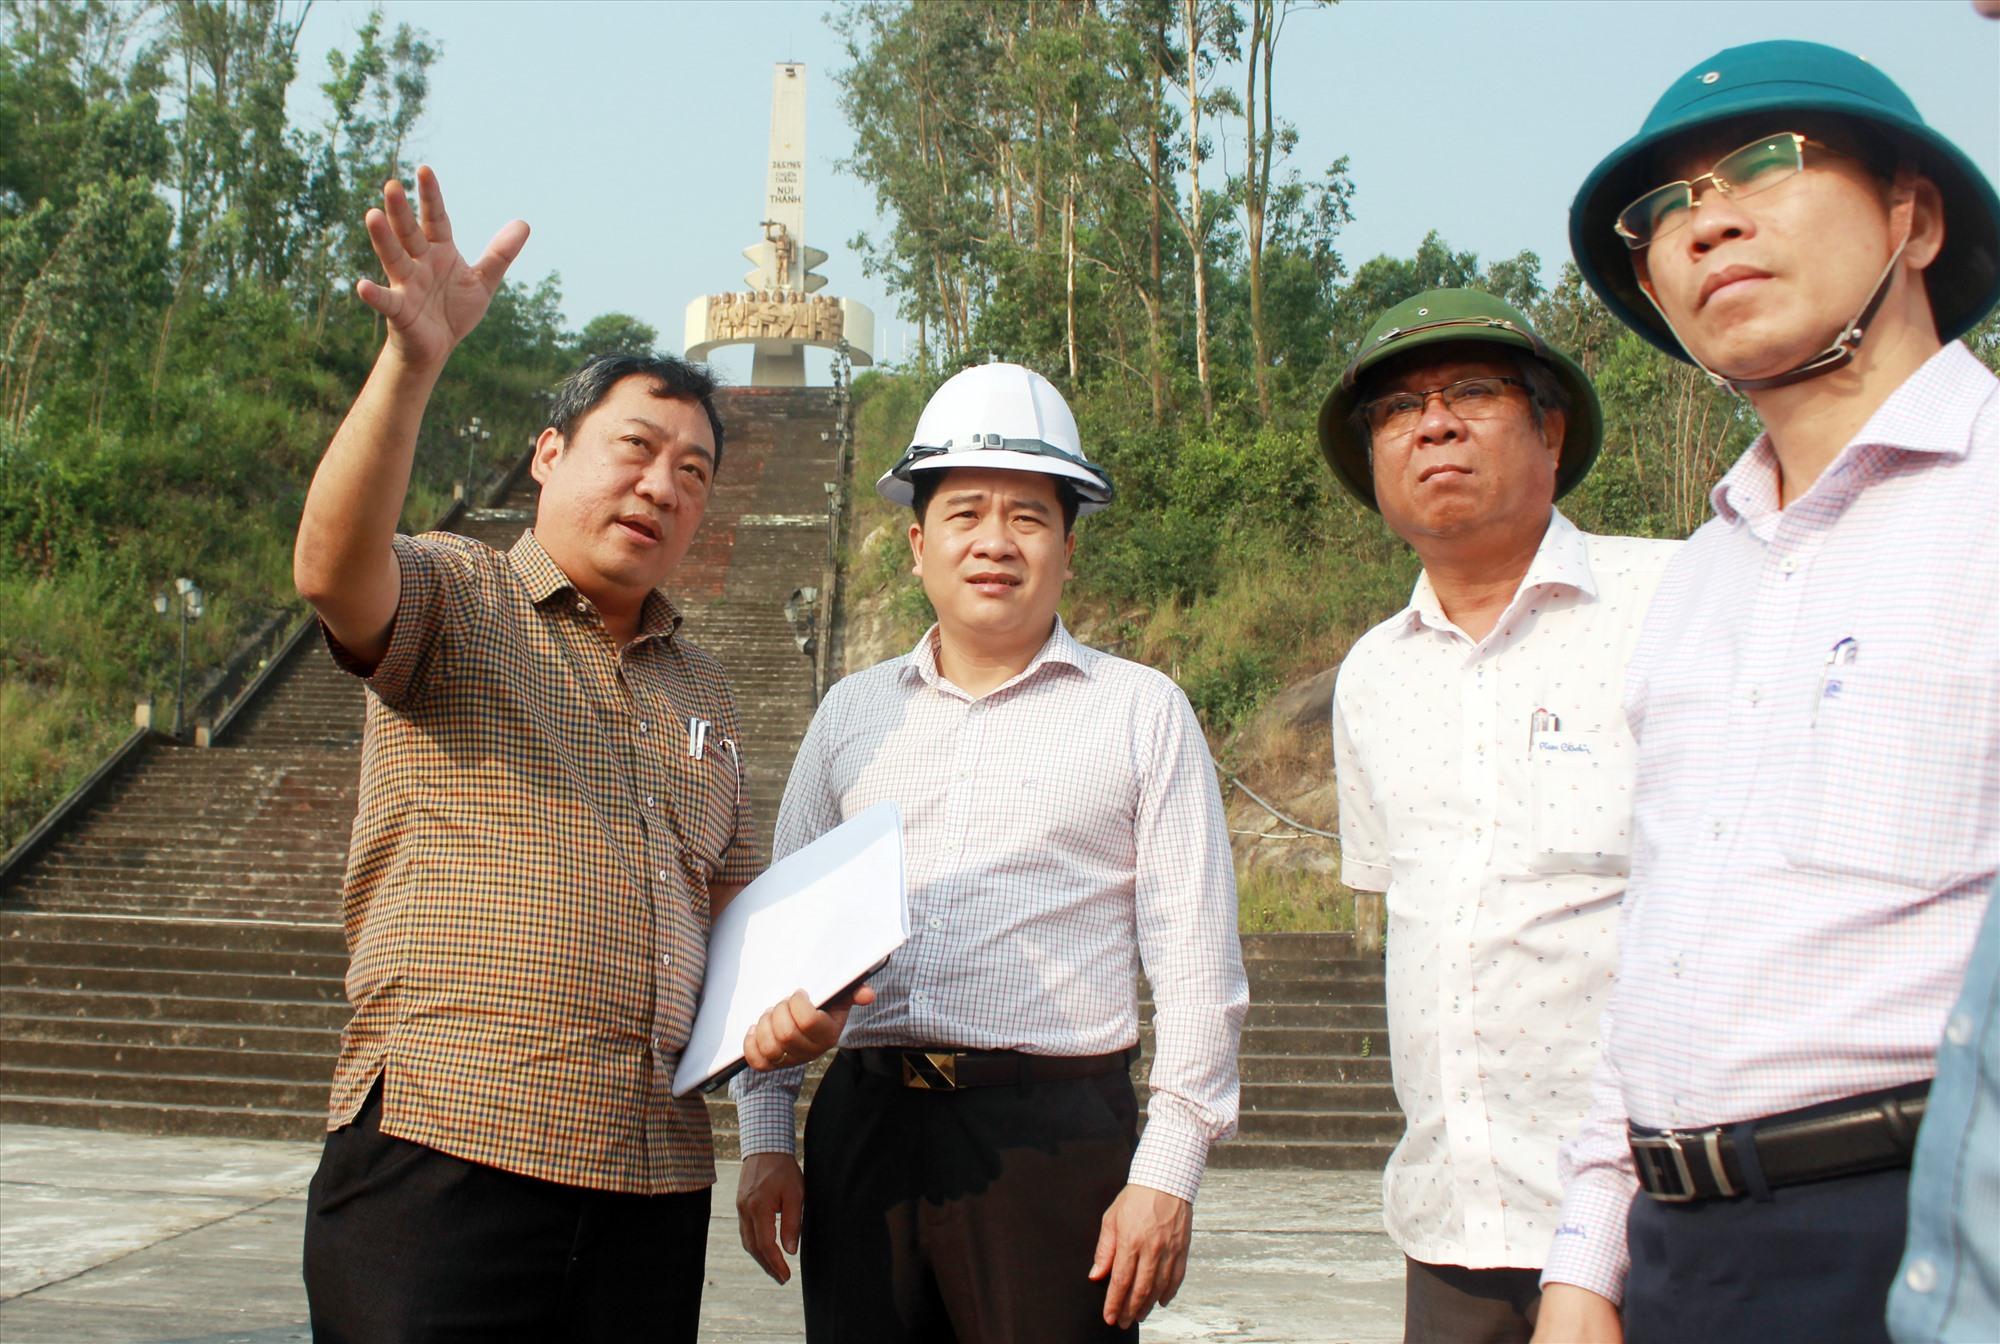 Phó Chủ tịch UBND tỉnh Trần Văn Tân (thứ hai, từ trái sang) kiểm tra hiện trạng di tích tượng đài Chiến thắng Núi Thành. Ảnh: T.C